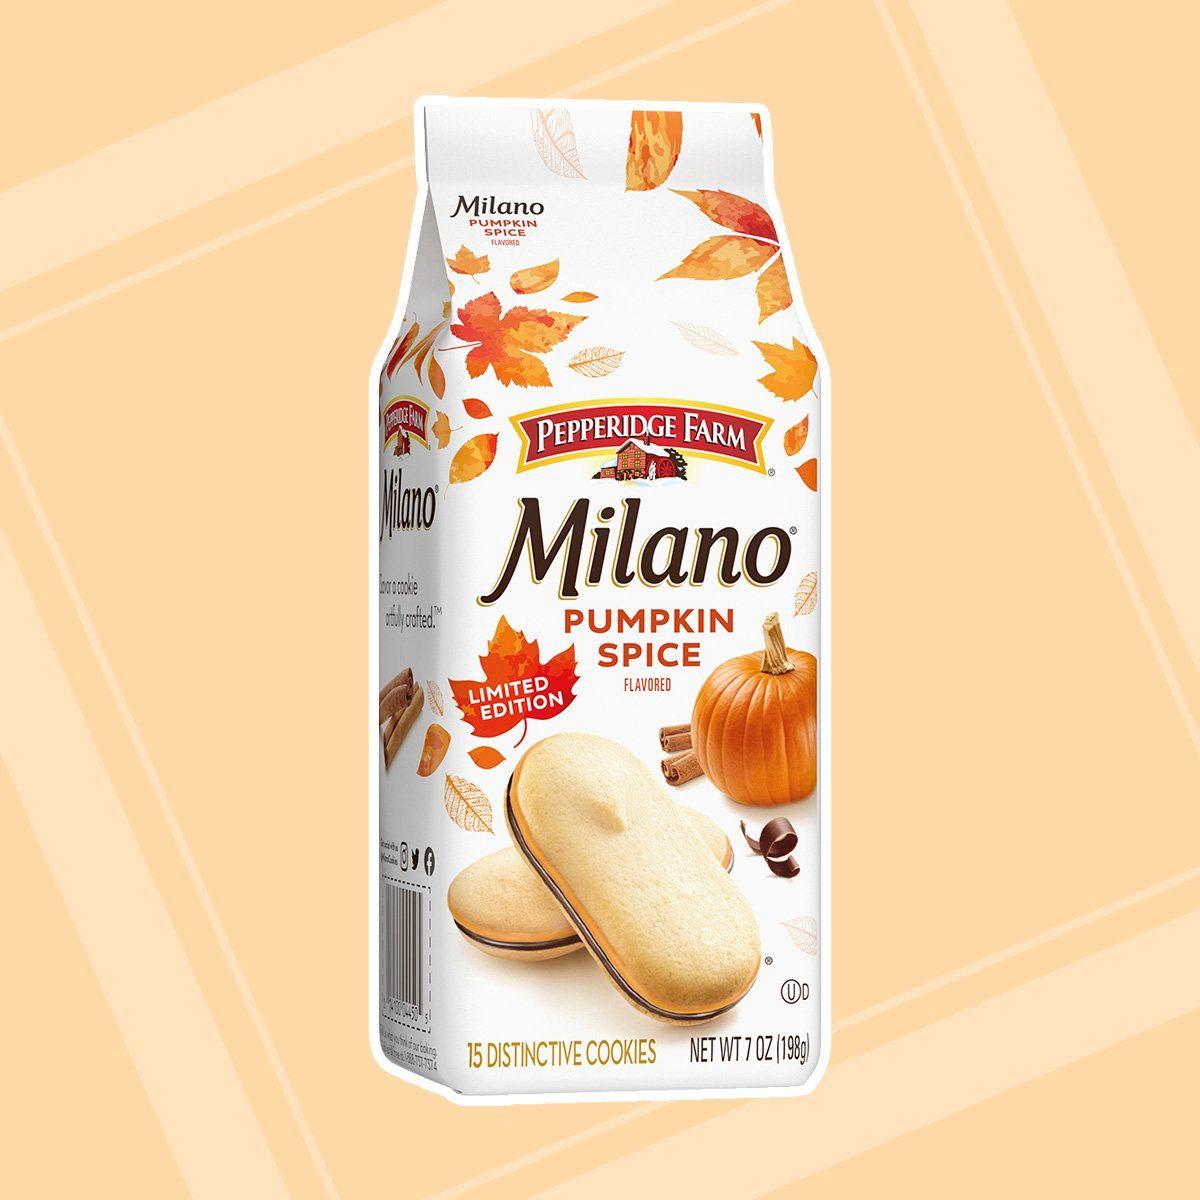 Milano pumpkin spice flavor